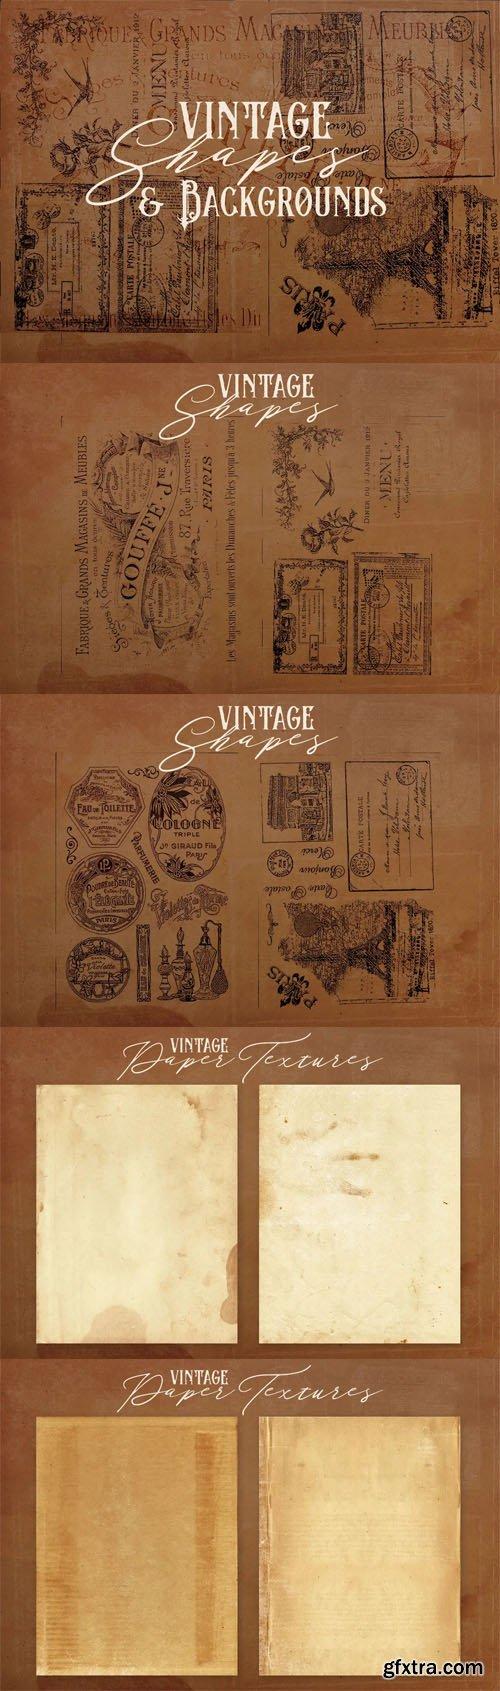 8 Vintage Badge Shapes & Grunge Paper Textures